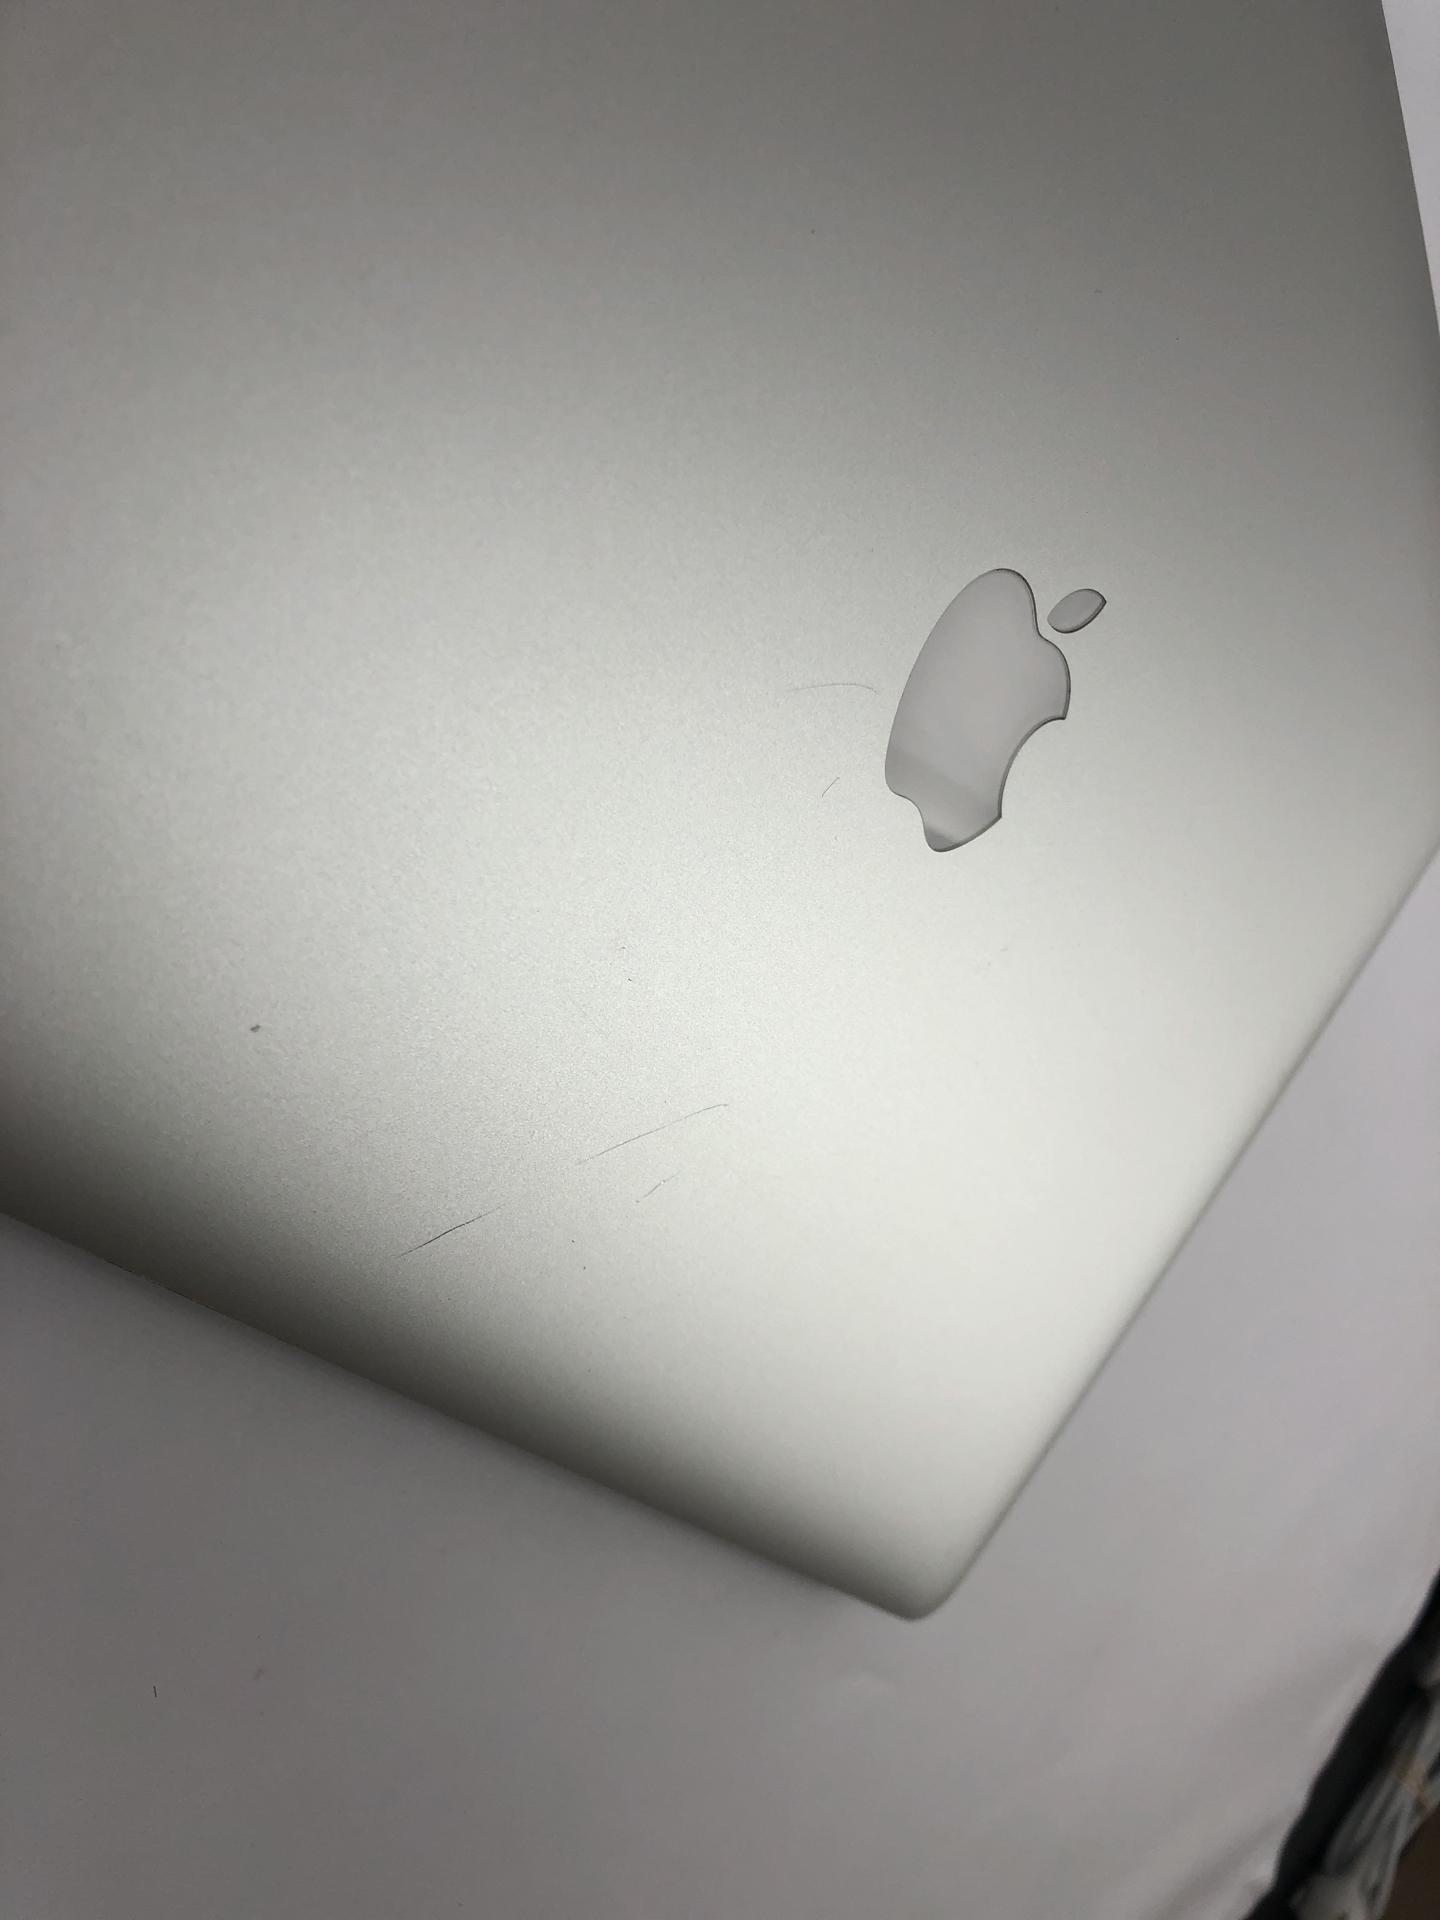 """MacBook Pro Retina 15"""" Mid 2014 (Intel Quad-Core i7 2.8 GHz 16 GB RAM 512 GB SSD), Intel Quad-Core i7 2.8 GHz, 16 GB RAM, 512 GB SSD, Kuva 4"""